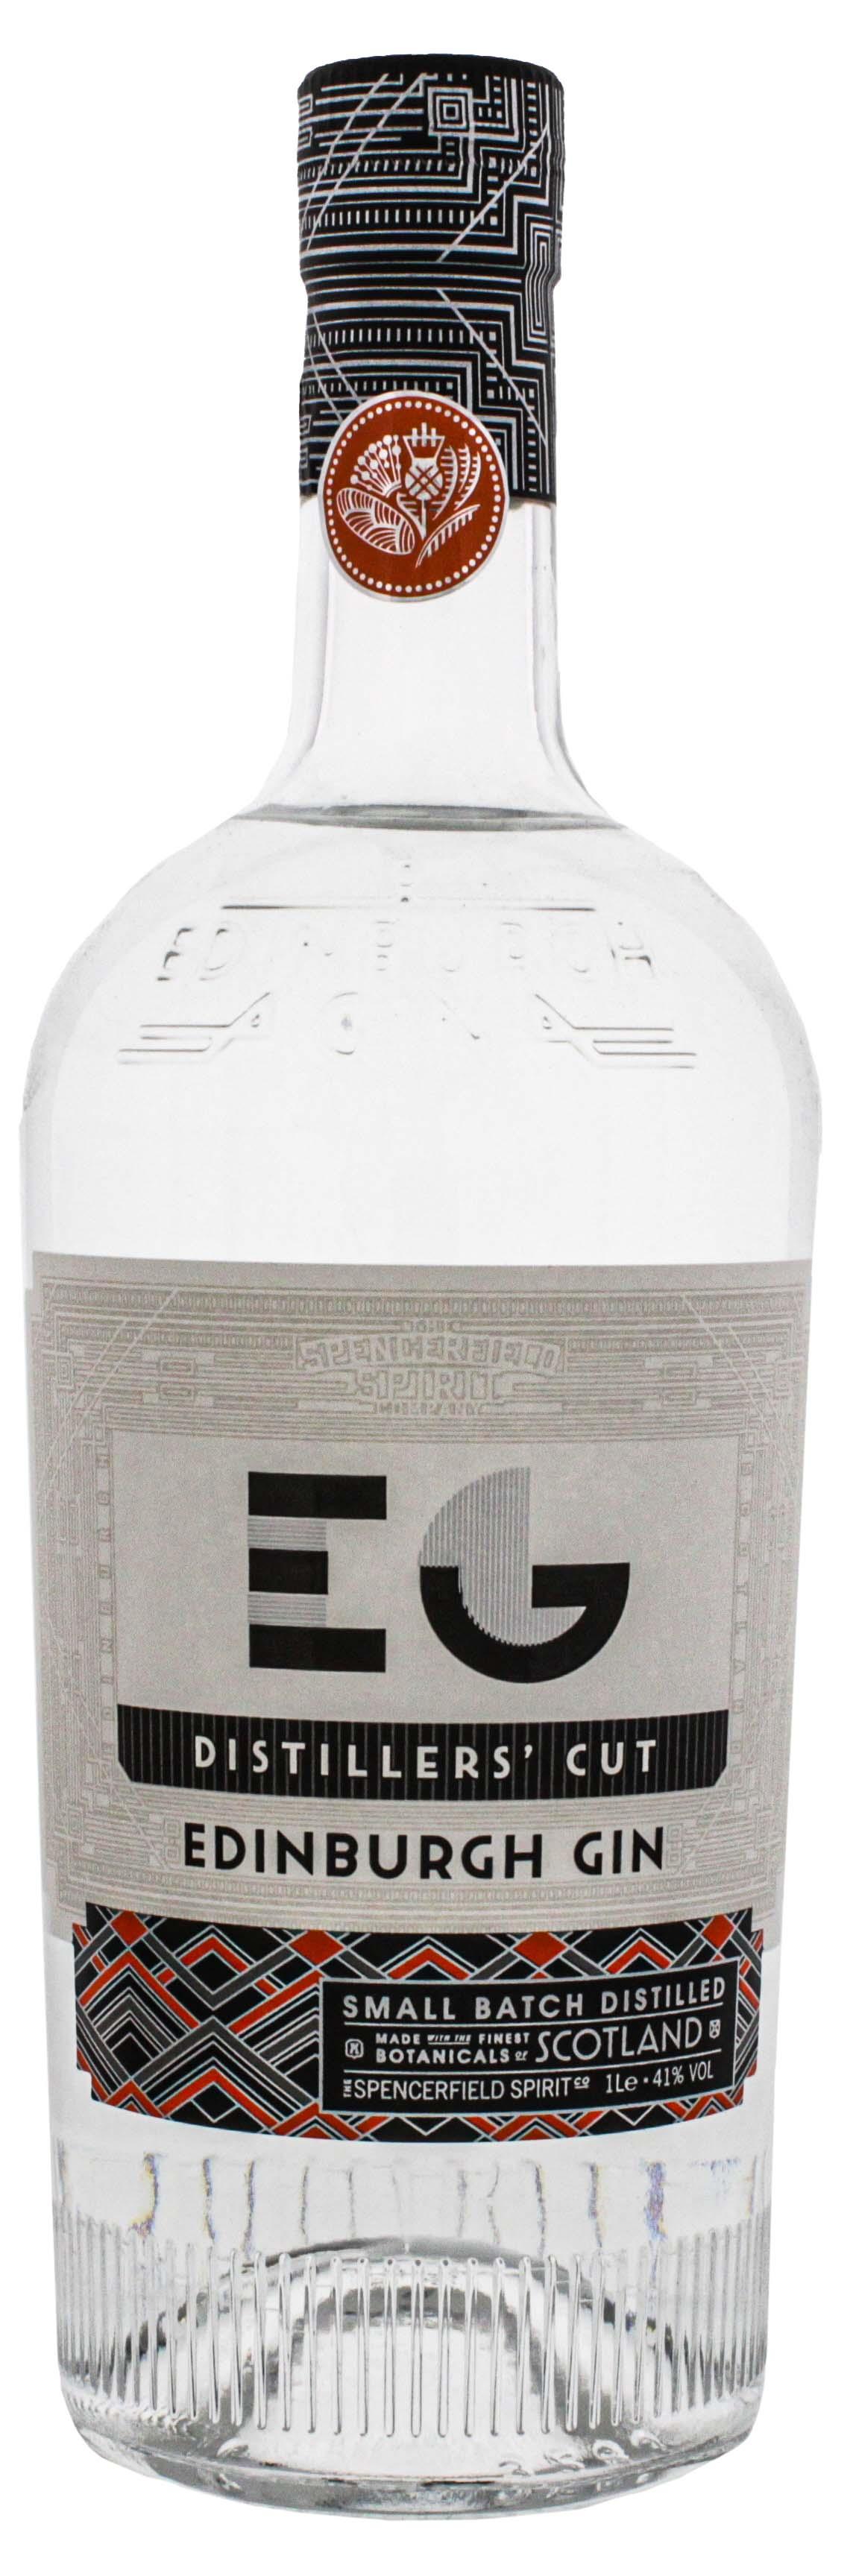 Edinburgh Gin Distillers Cut 1,0L 41%